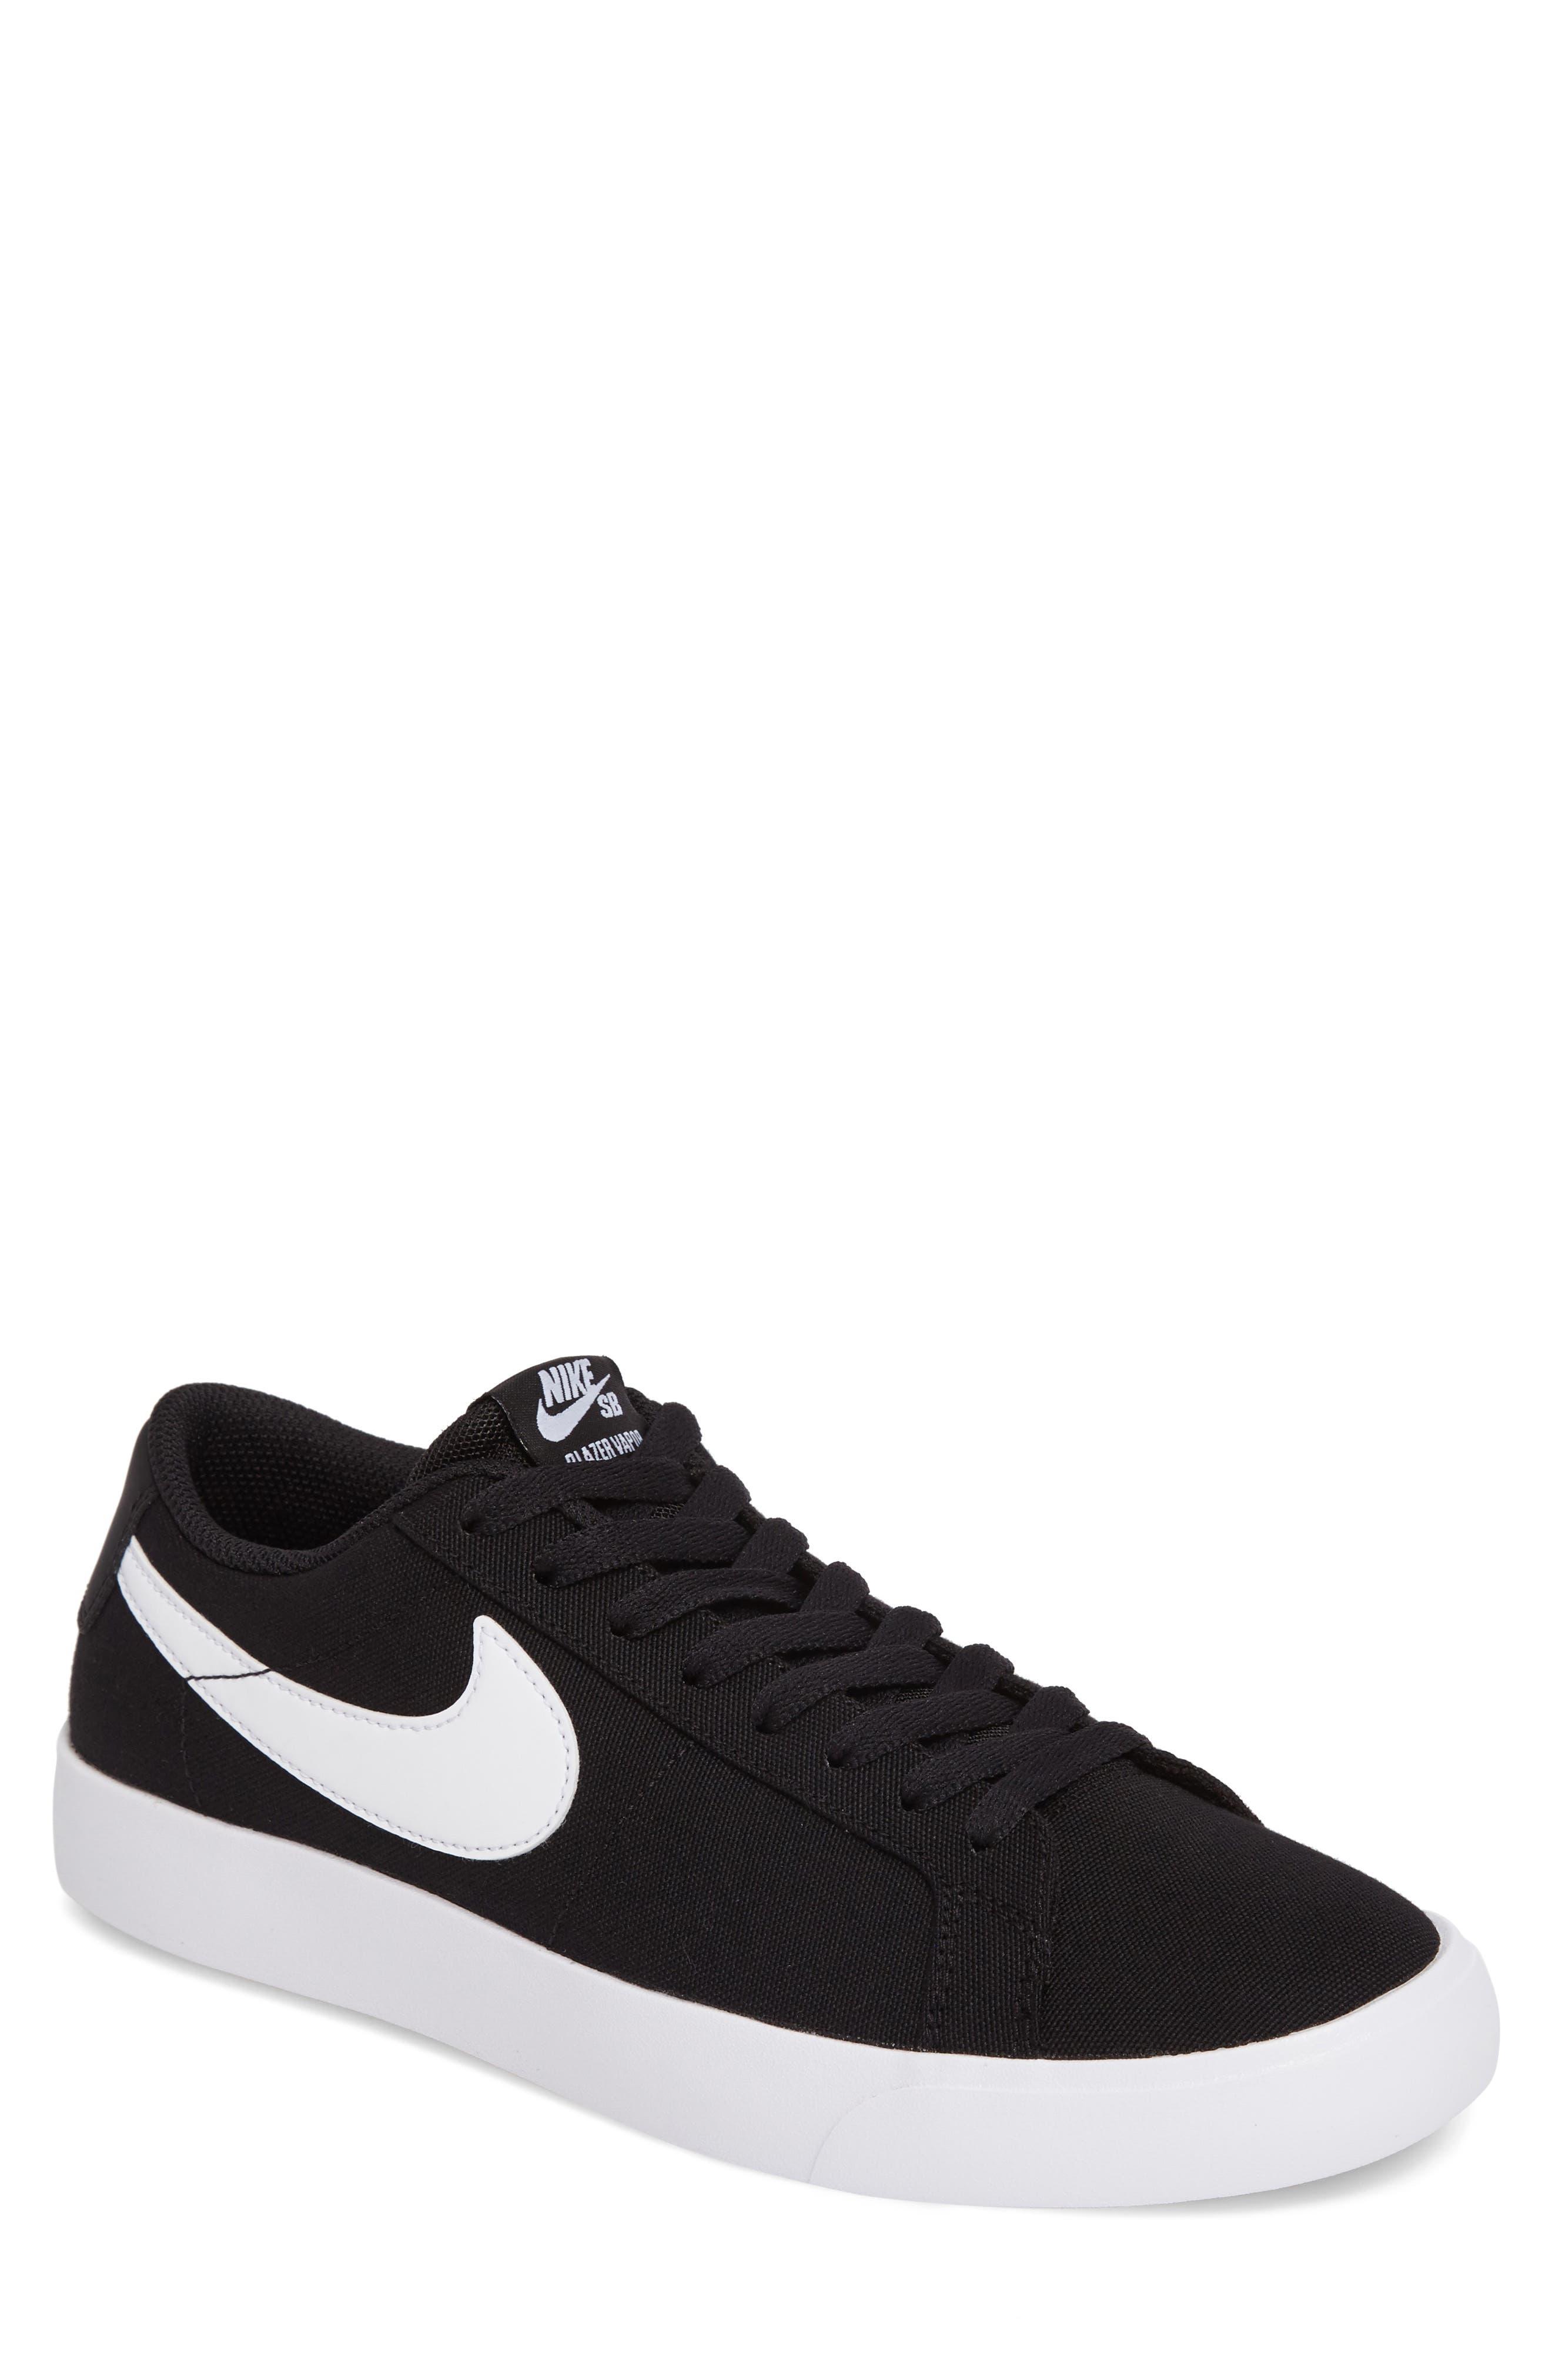 Main Image - Nike Zoom Blazer Vapor Skate Sneaker (Men)